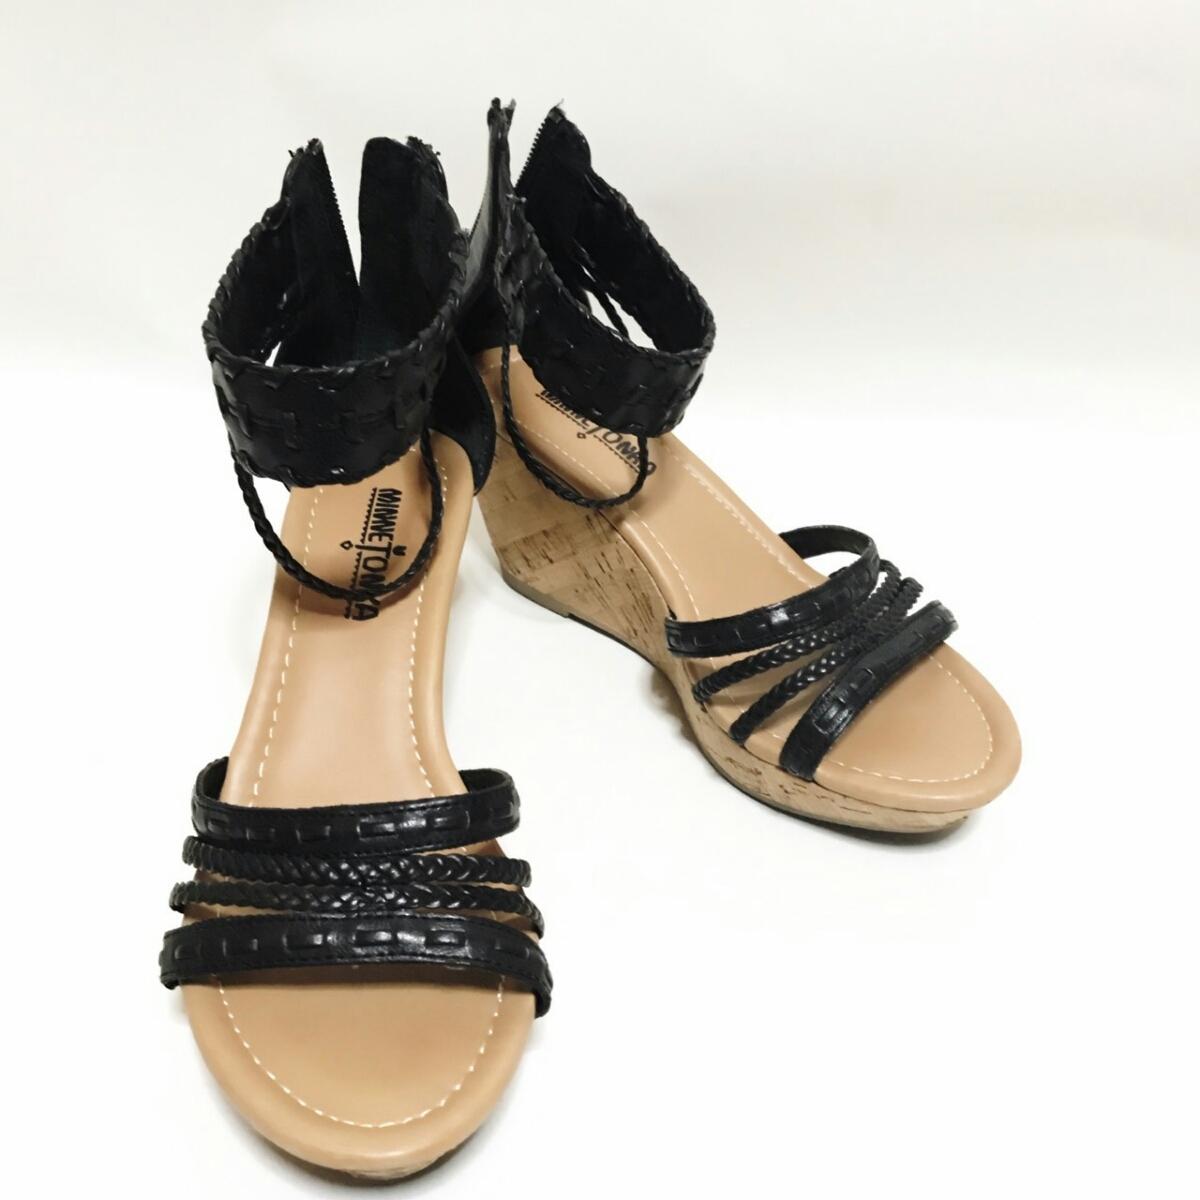 MINNE TONKA 23.5cmぐらい 3E レディース サンダル パンプス ブラック 黒 ミネトンカ 婦人 靴 くつ 中古 g001_画像8